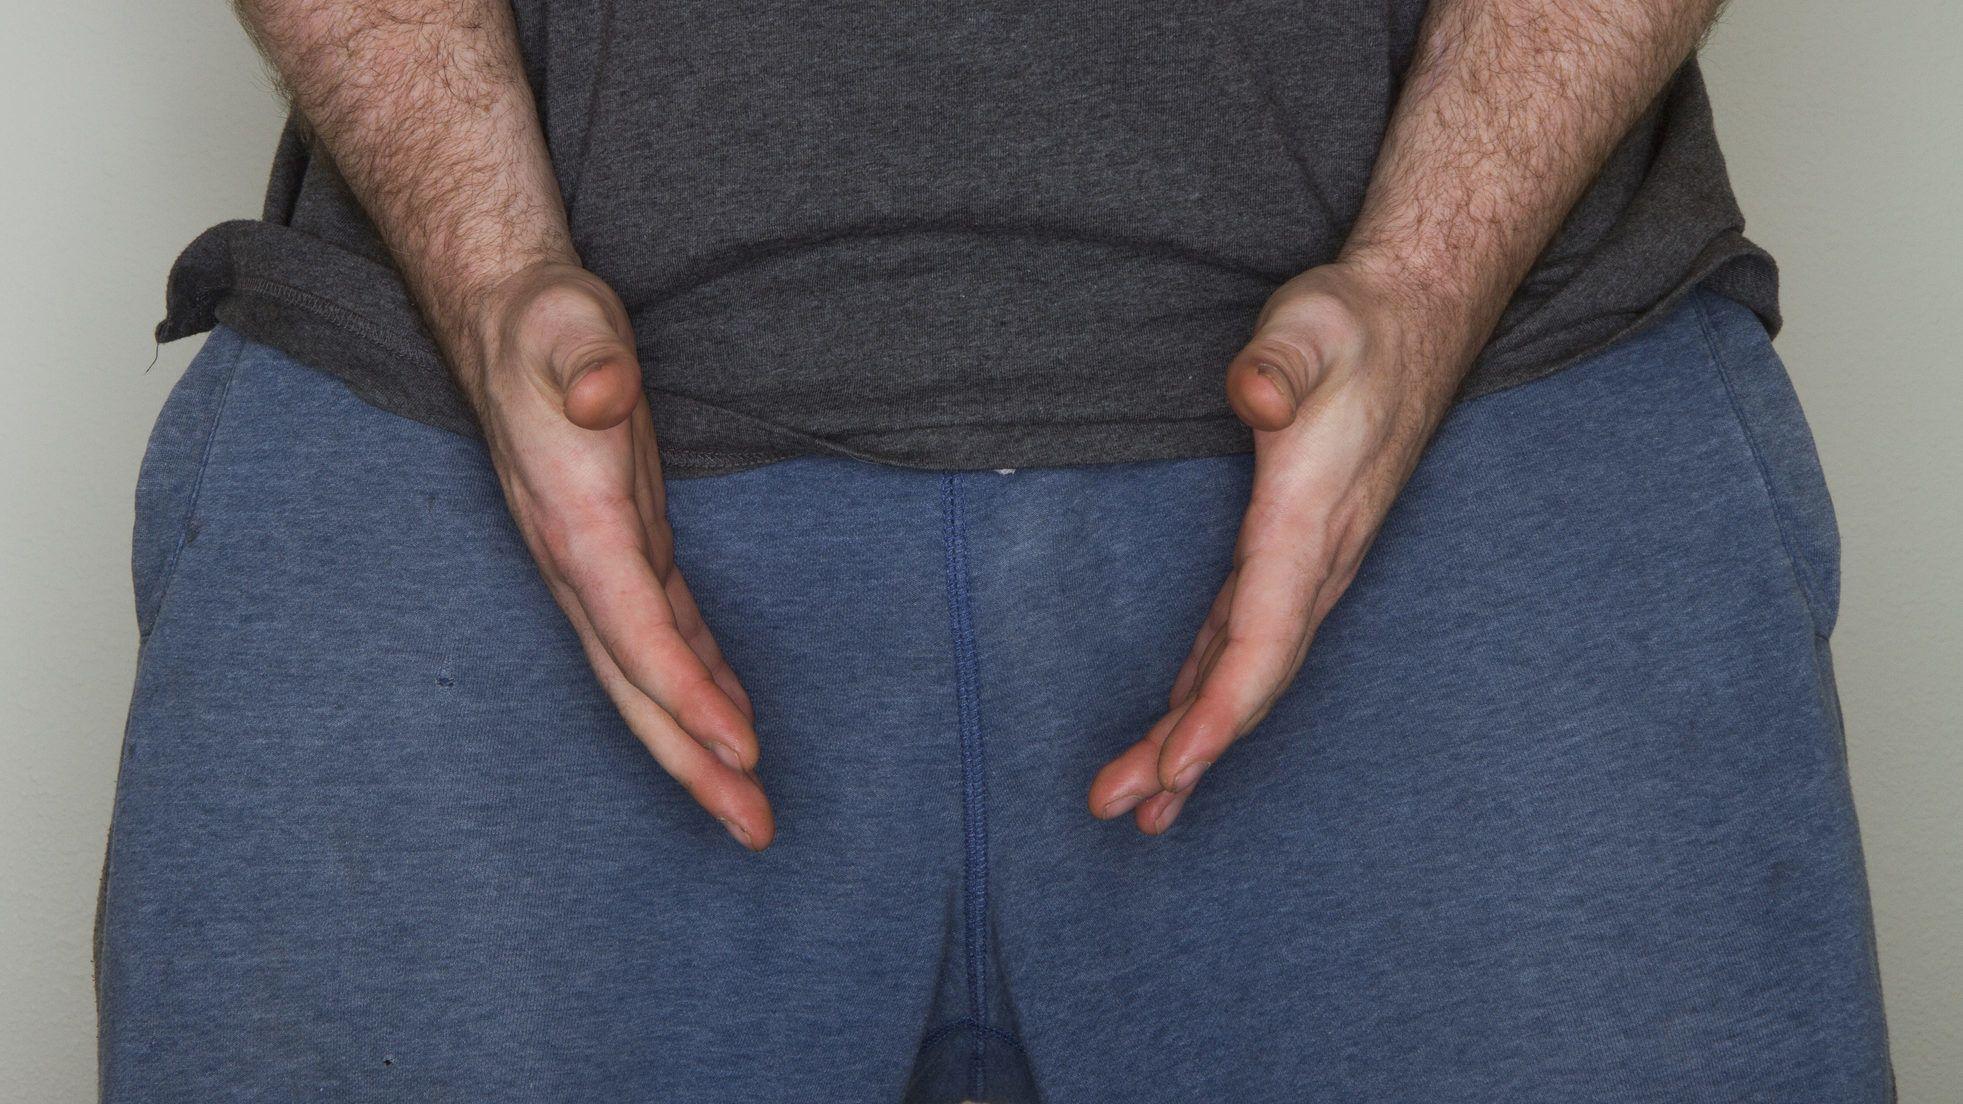 férfi pénisz milyen méretűek hogyan lehet megnövelni a péniszedet testmozgással